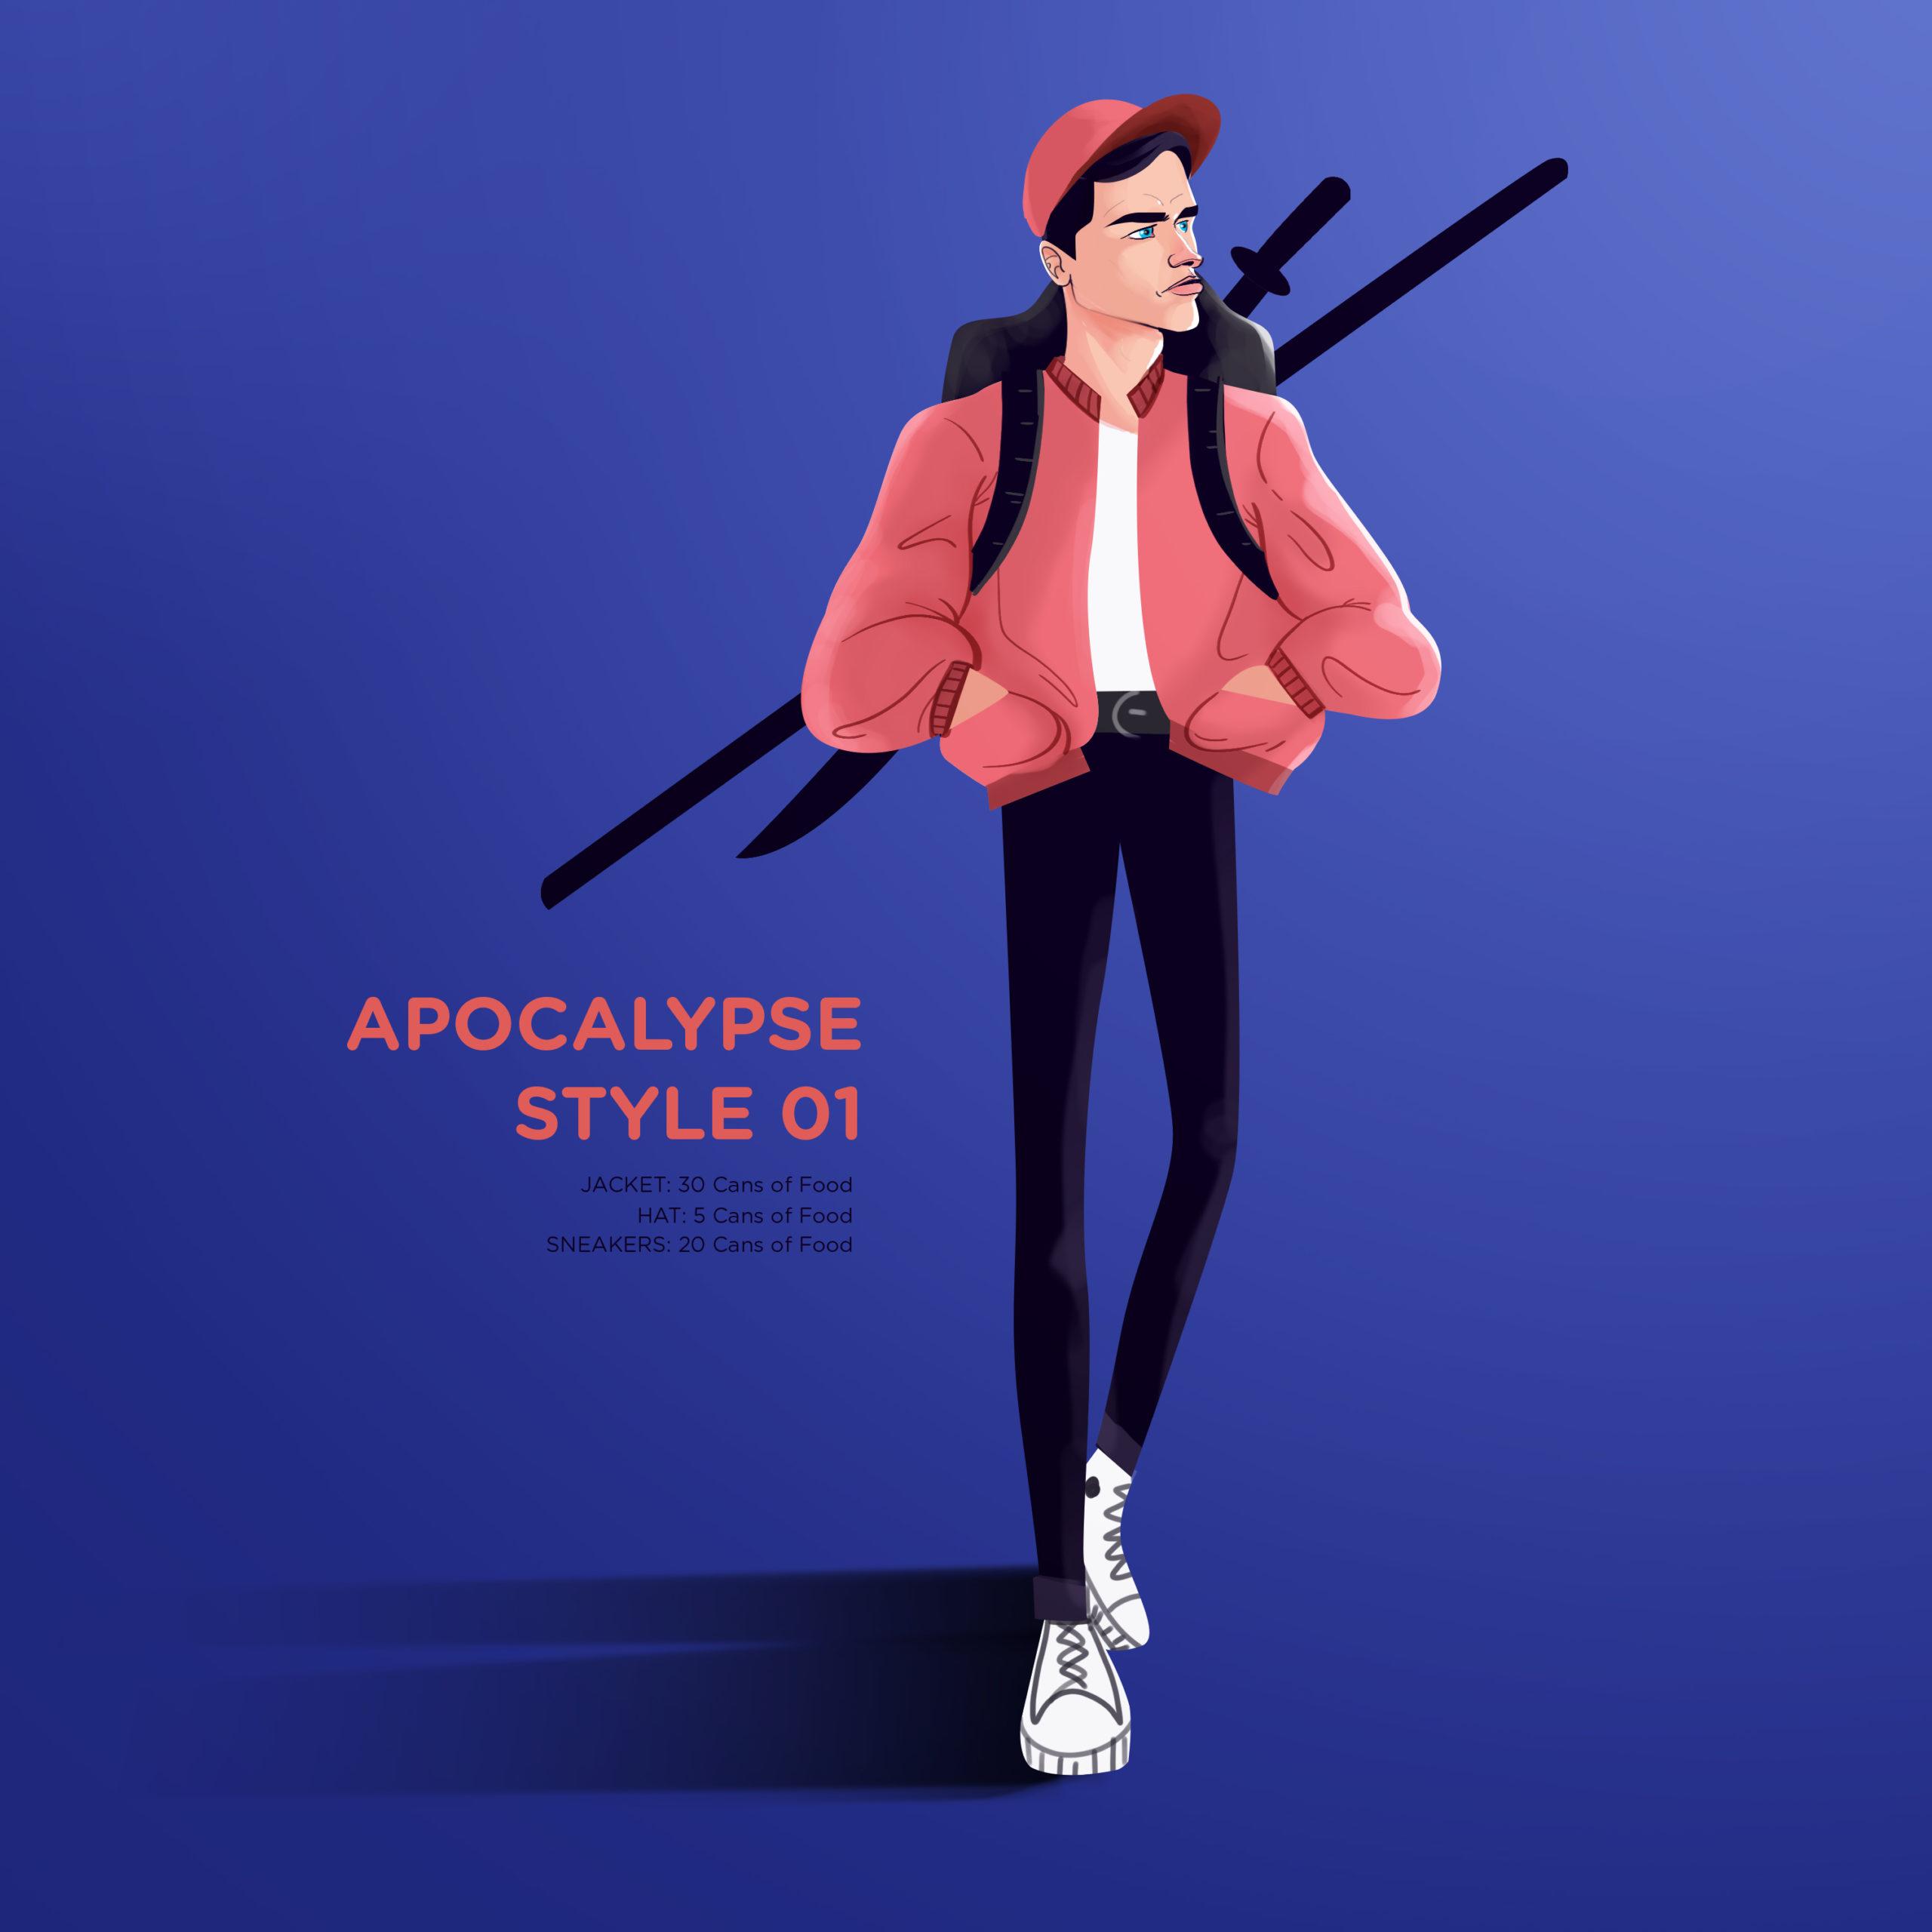 2019_03_11_ApocalypseStyle_01